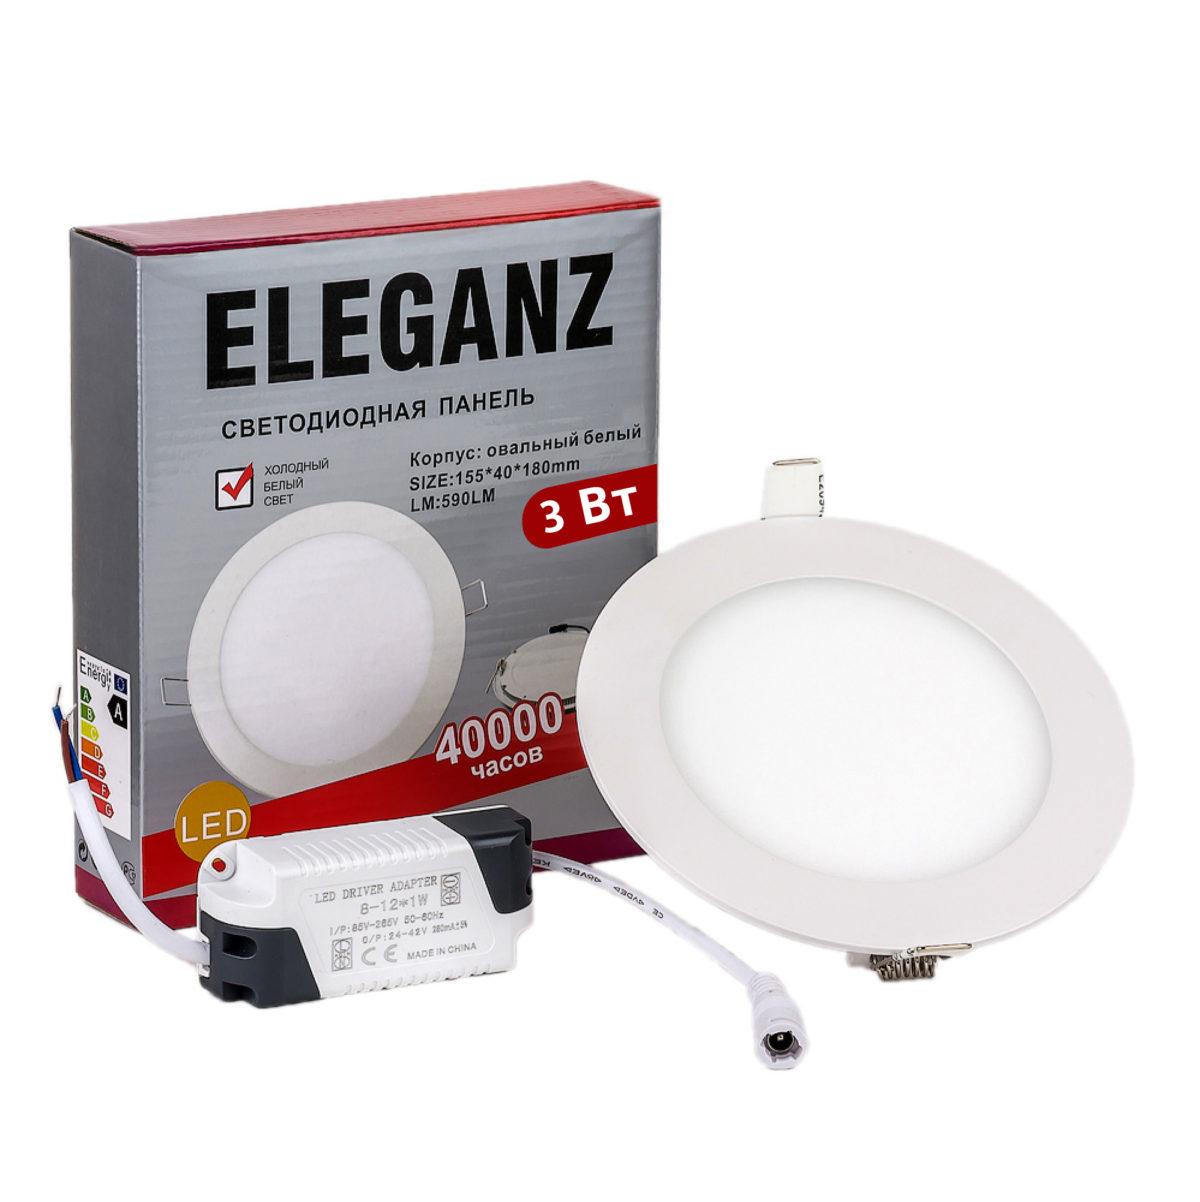 Светодиодная панель 3 ватт круглая Eleganz